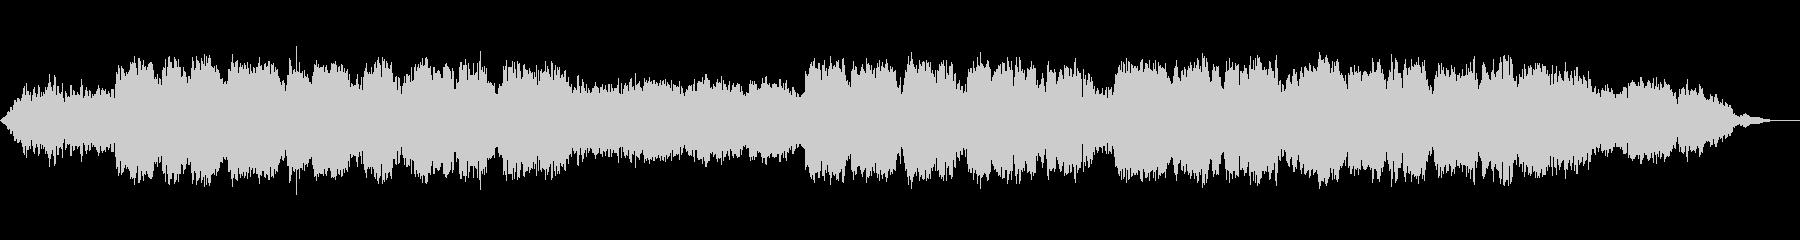 生演奏のケーナの穏やかなヒーリング音楽の未再生の波形